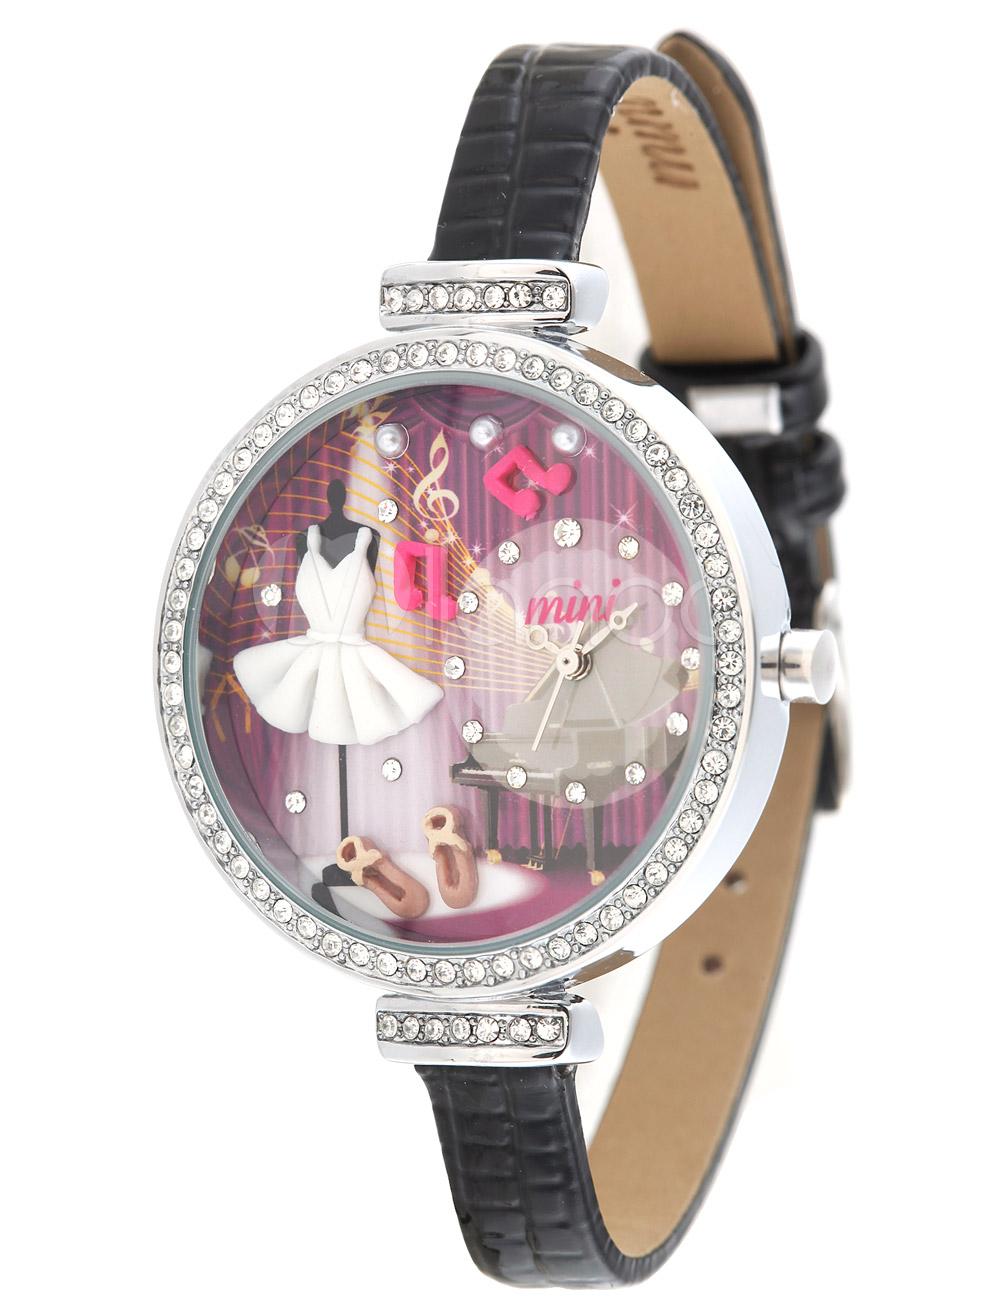 ТаоКита Конструкторы 3Д ручки Умные часы и другое в